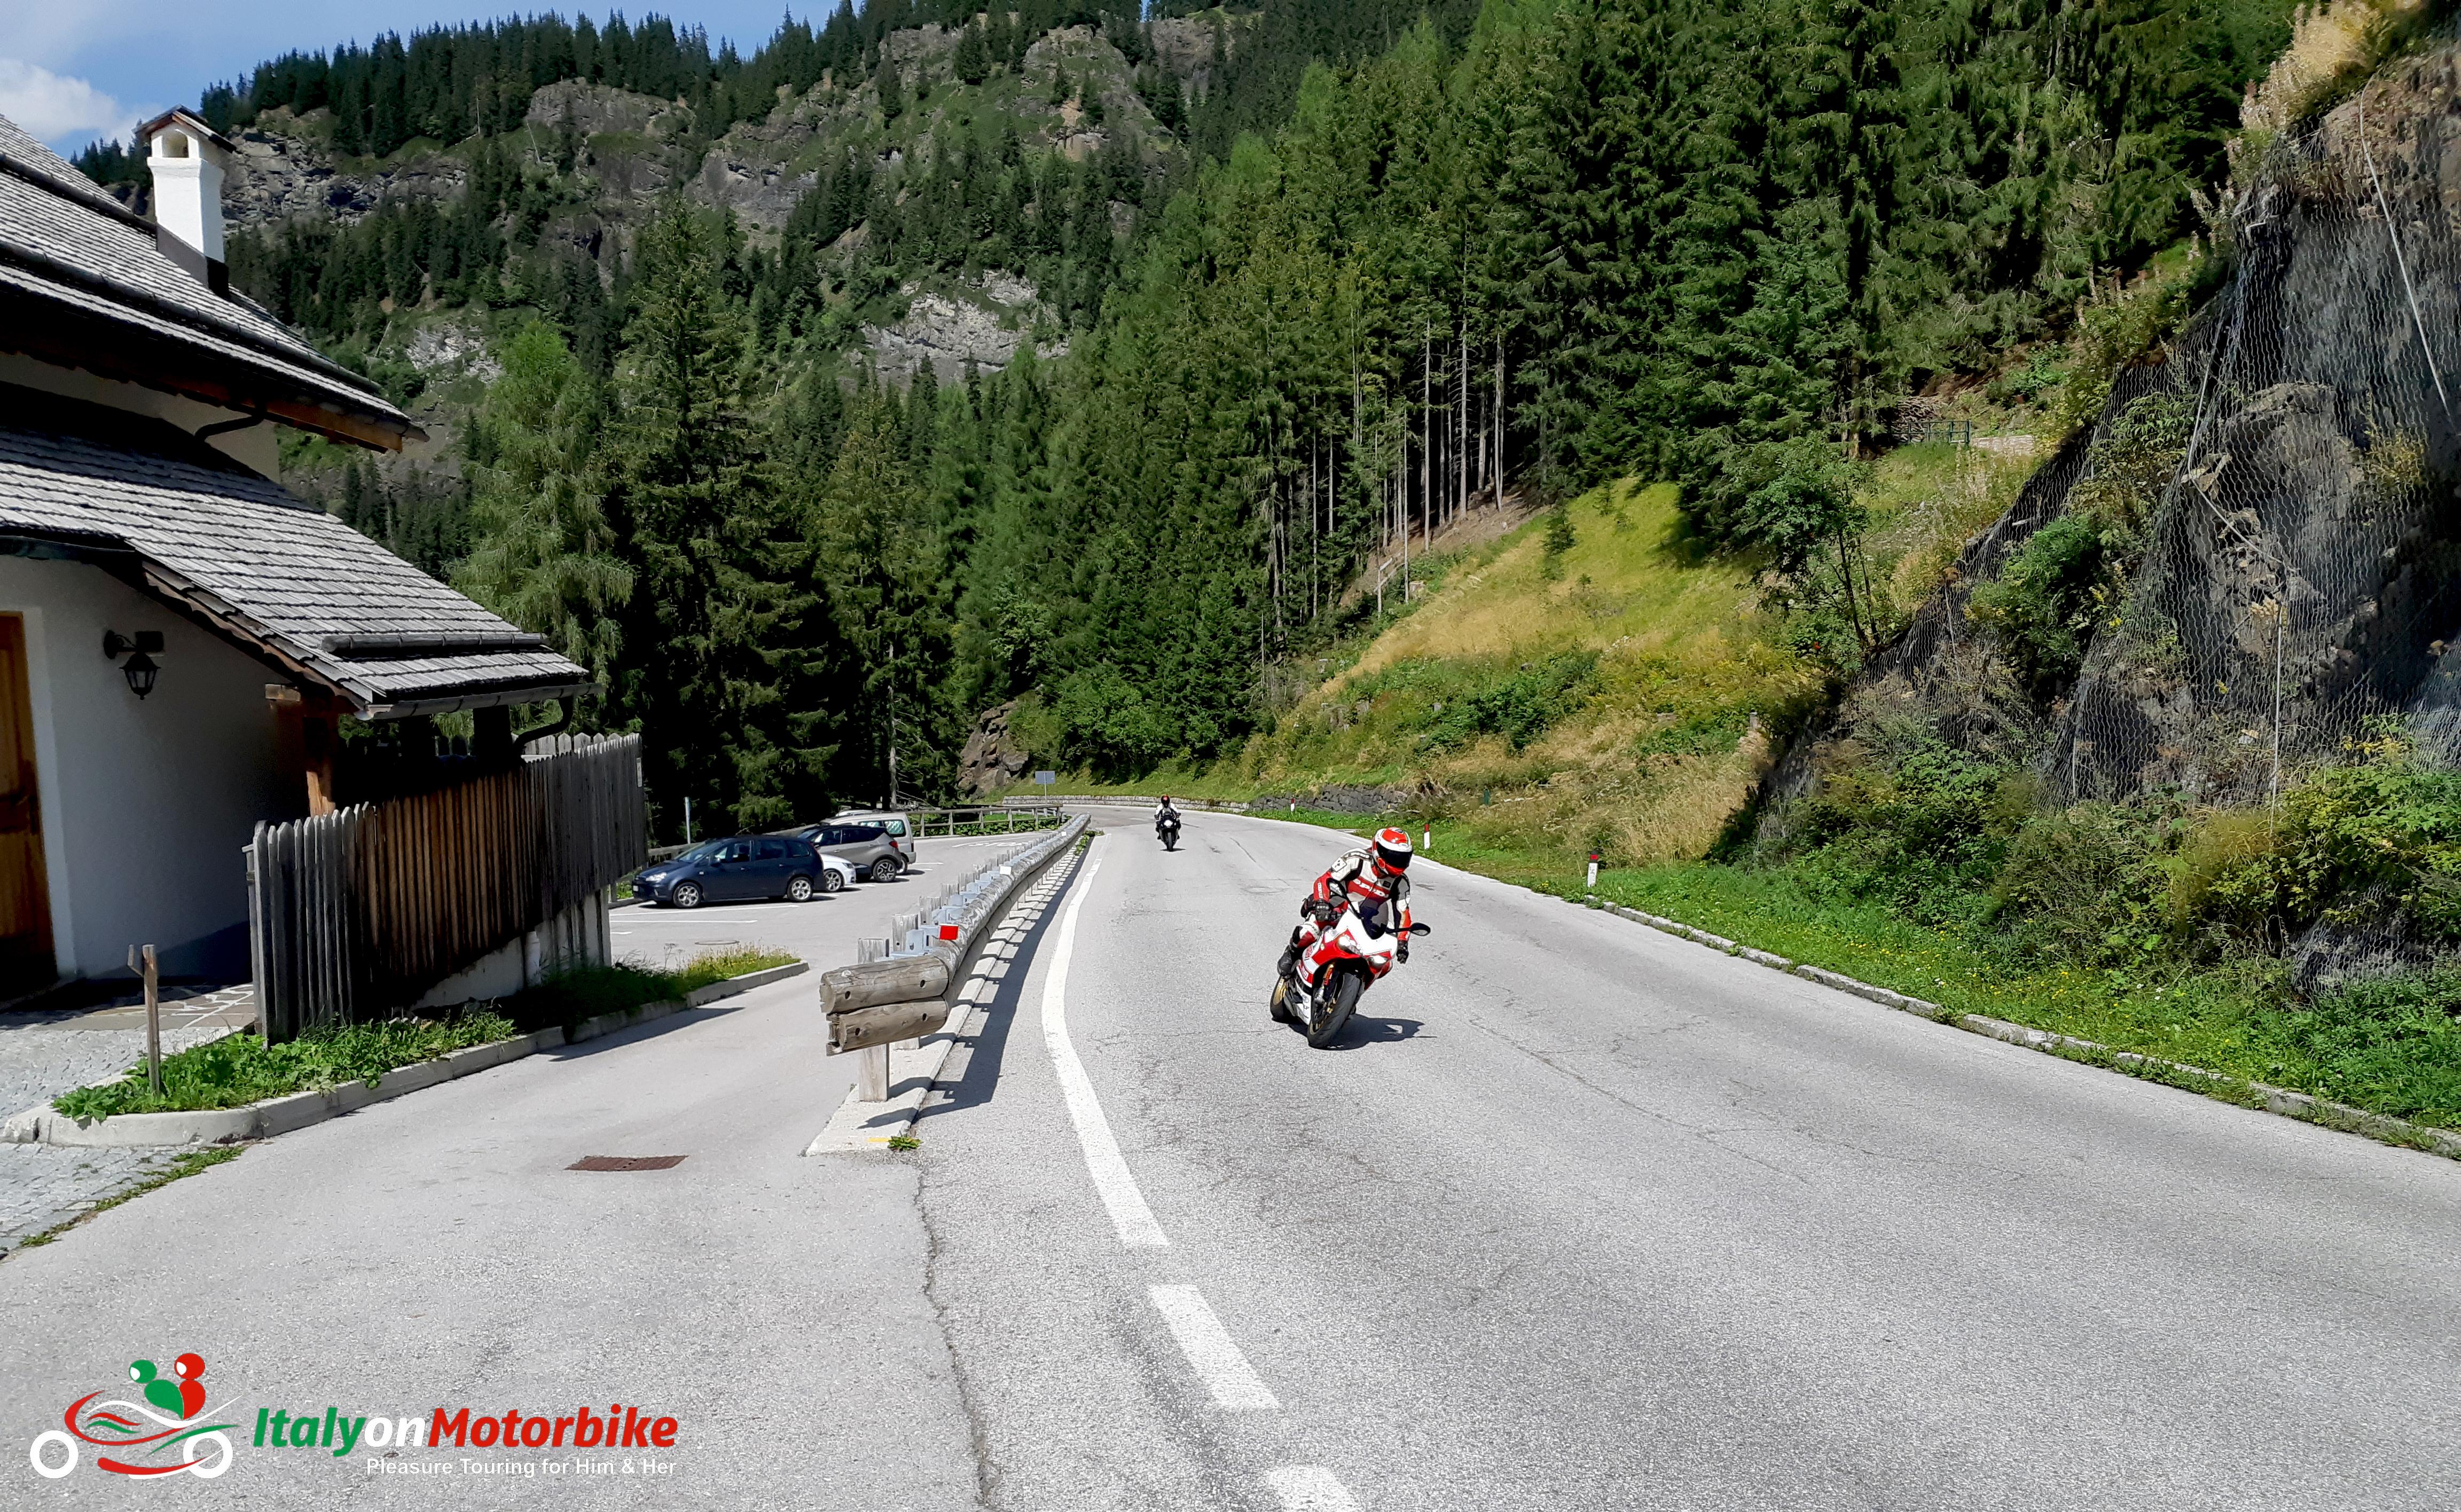 Il est temps de reprendre la route sur un tour en moto avec Italy on Motorbike